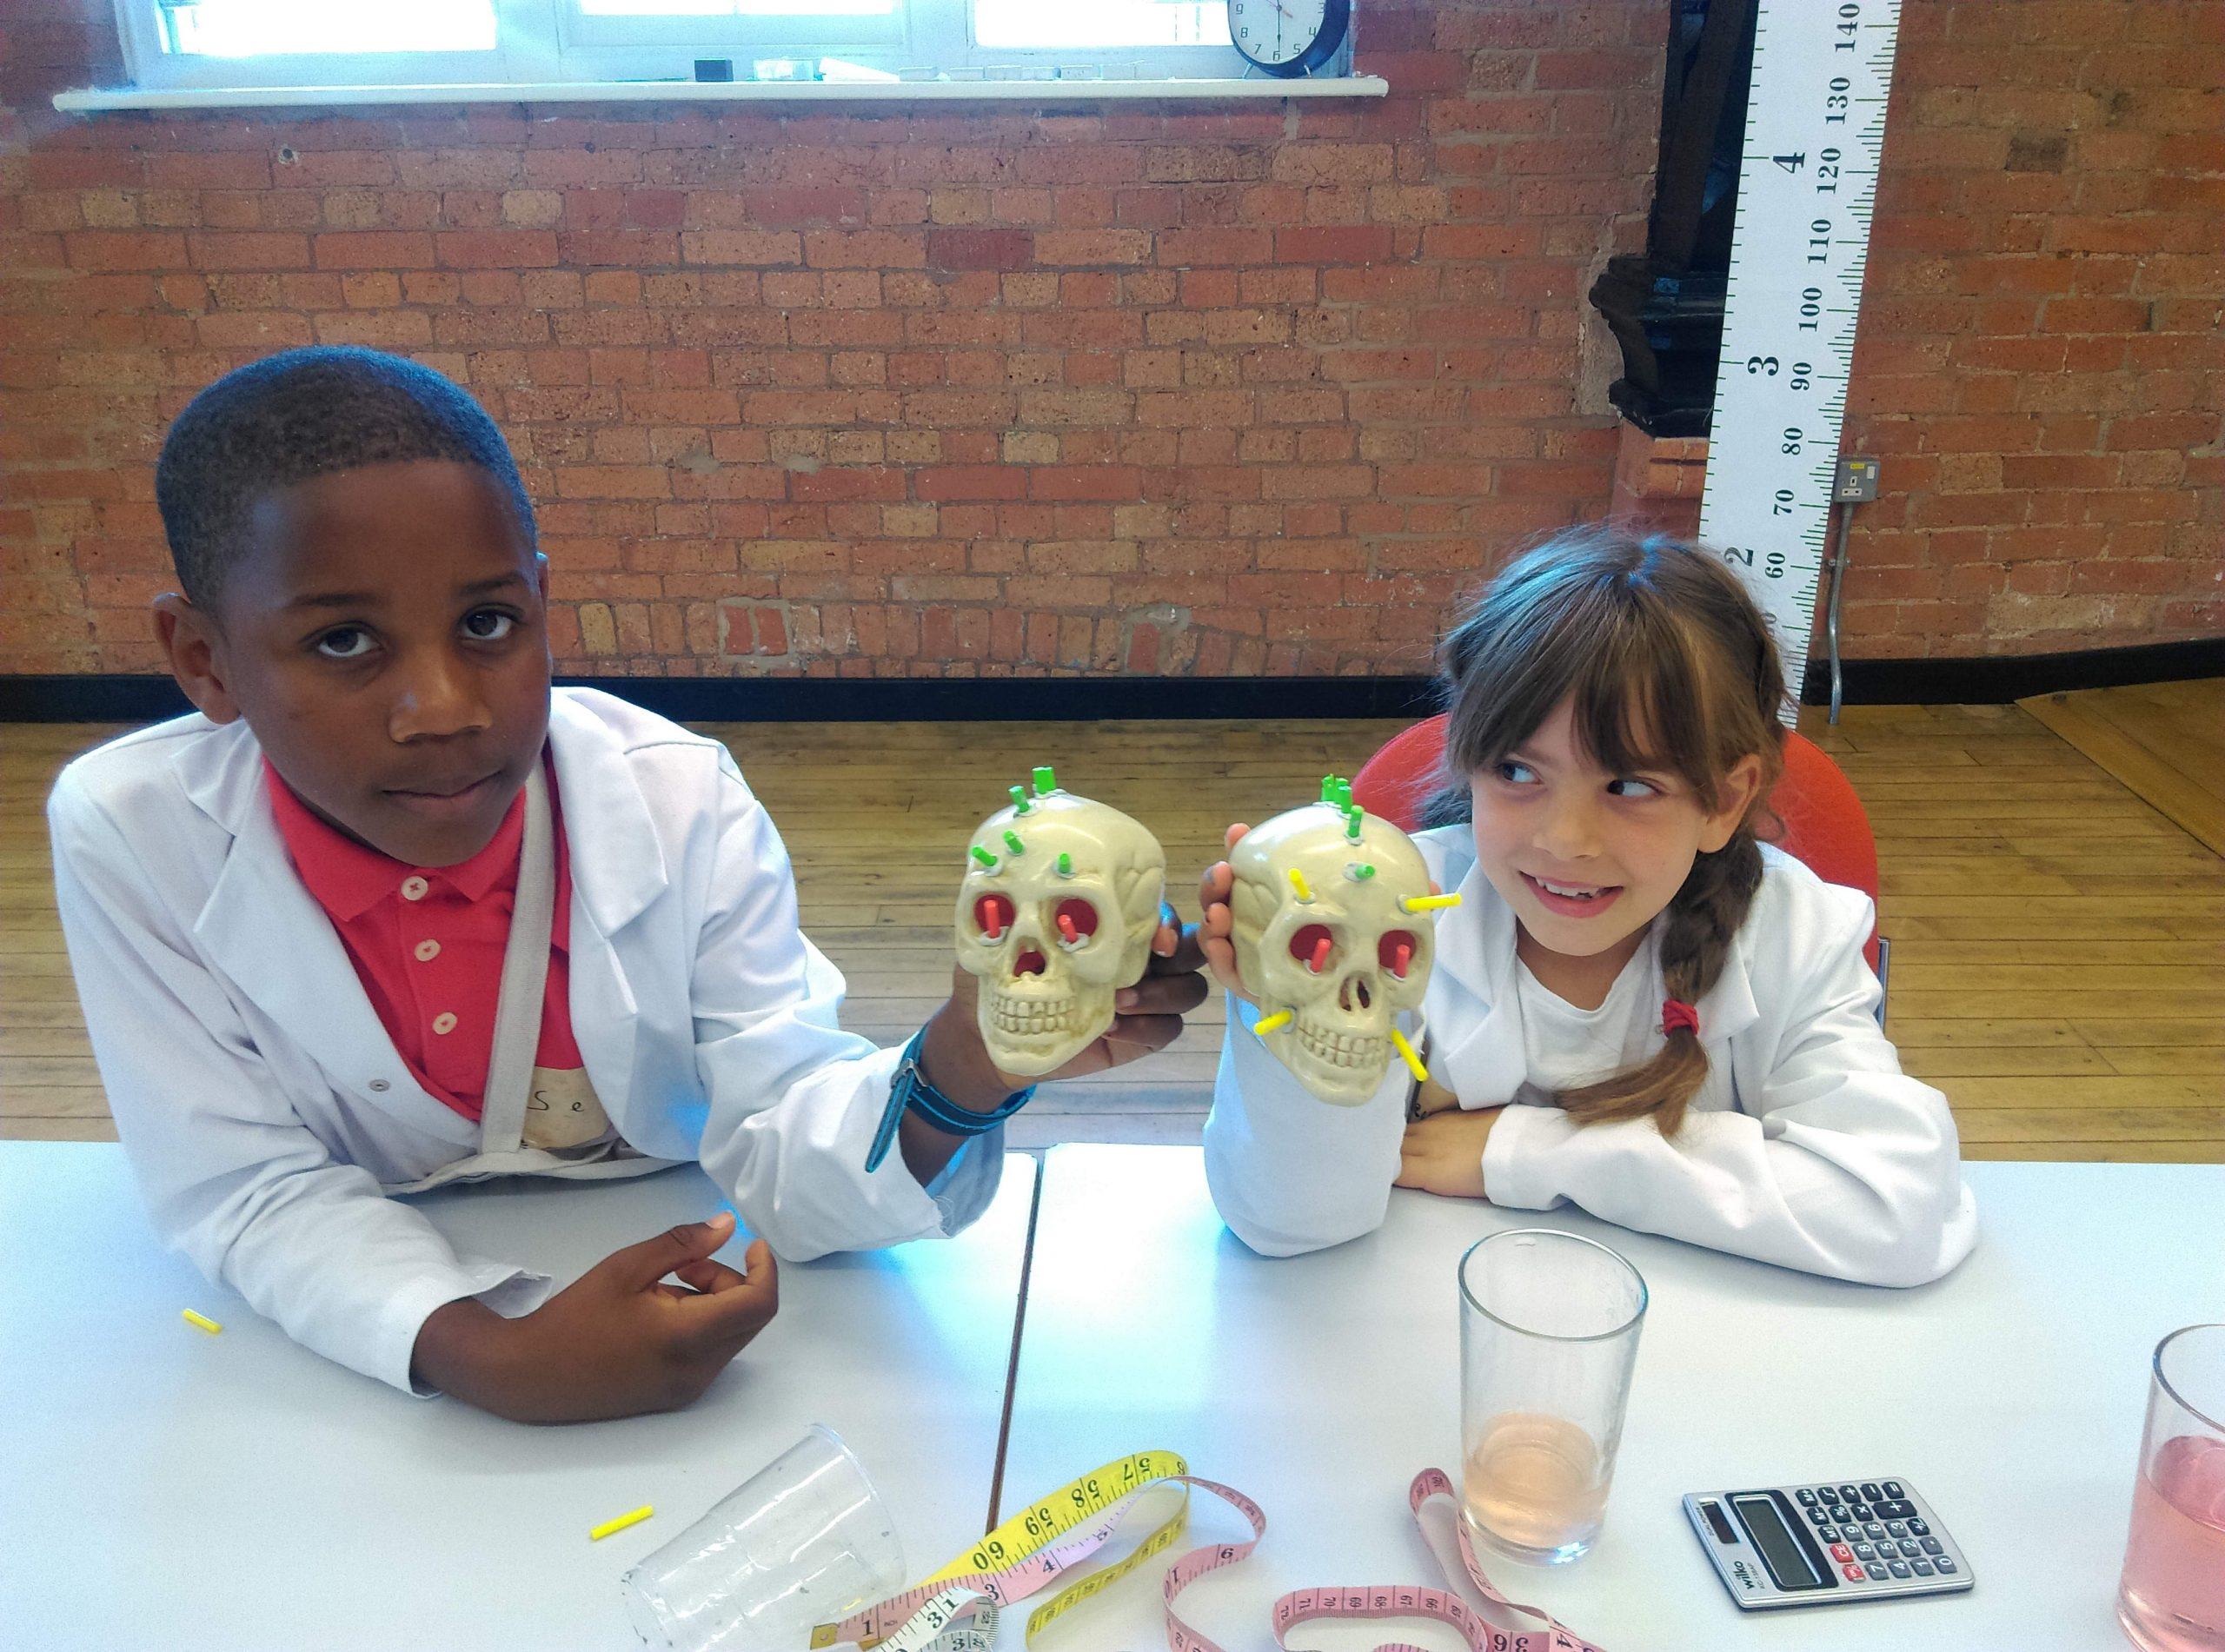 Two children holding models of skulls